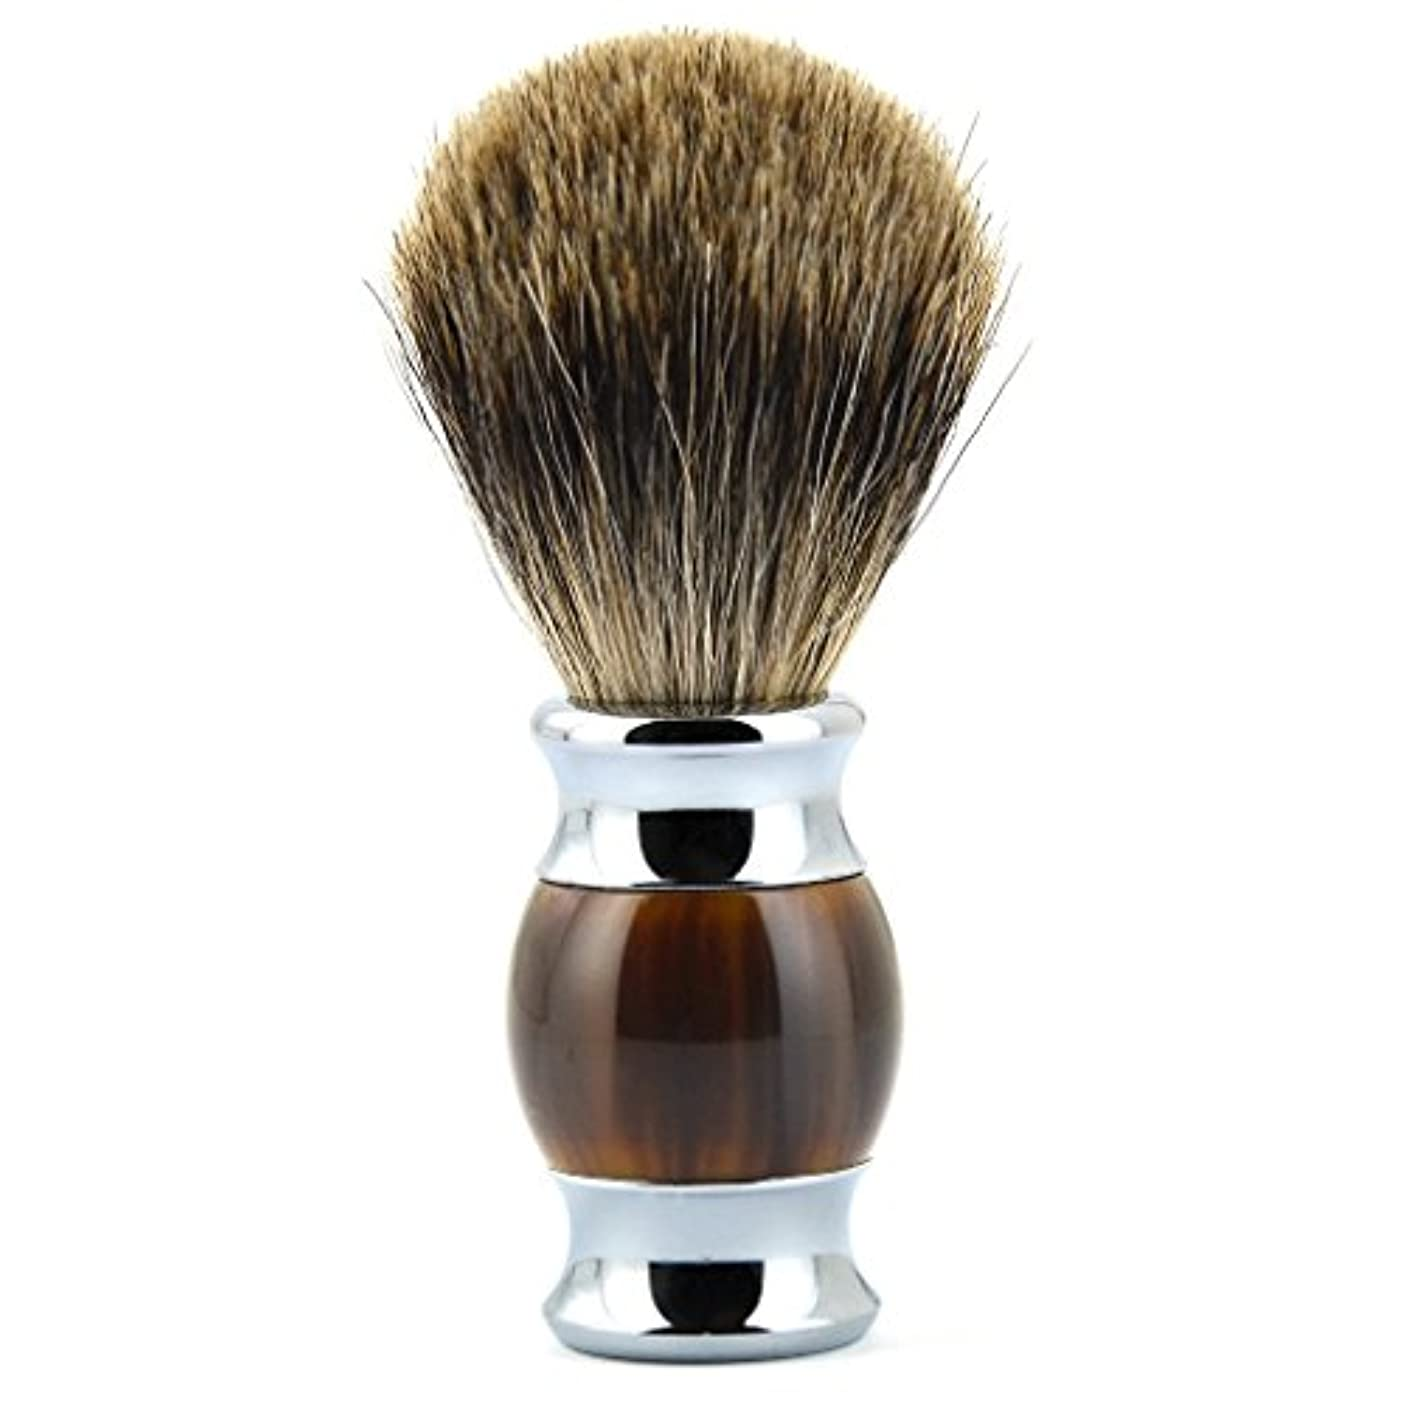 ロデオベリークライストチャーチArichops ひげブラシ シェービング ブラシ シェービング用ブラシ メンズ 100% アナグマ毛 理容 洗顔 髭剃り 泡立ち